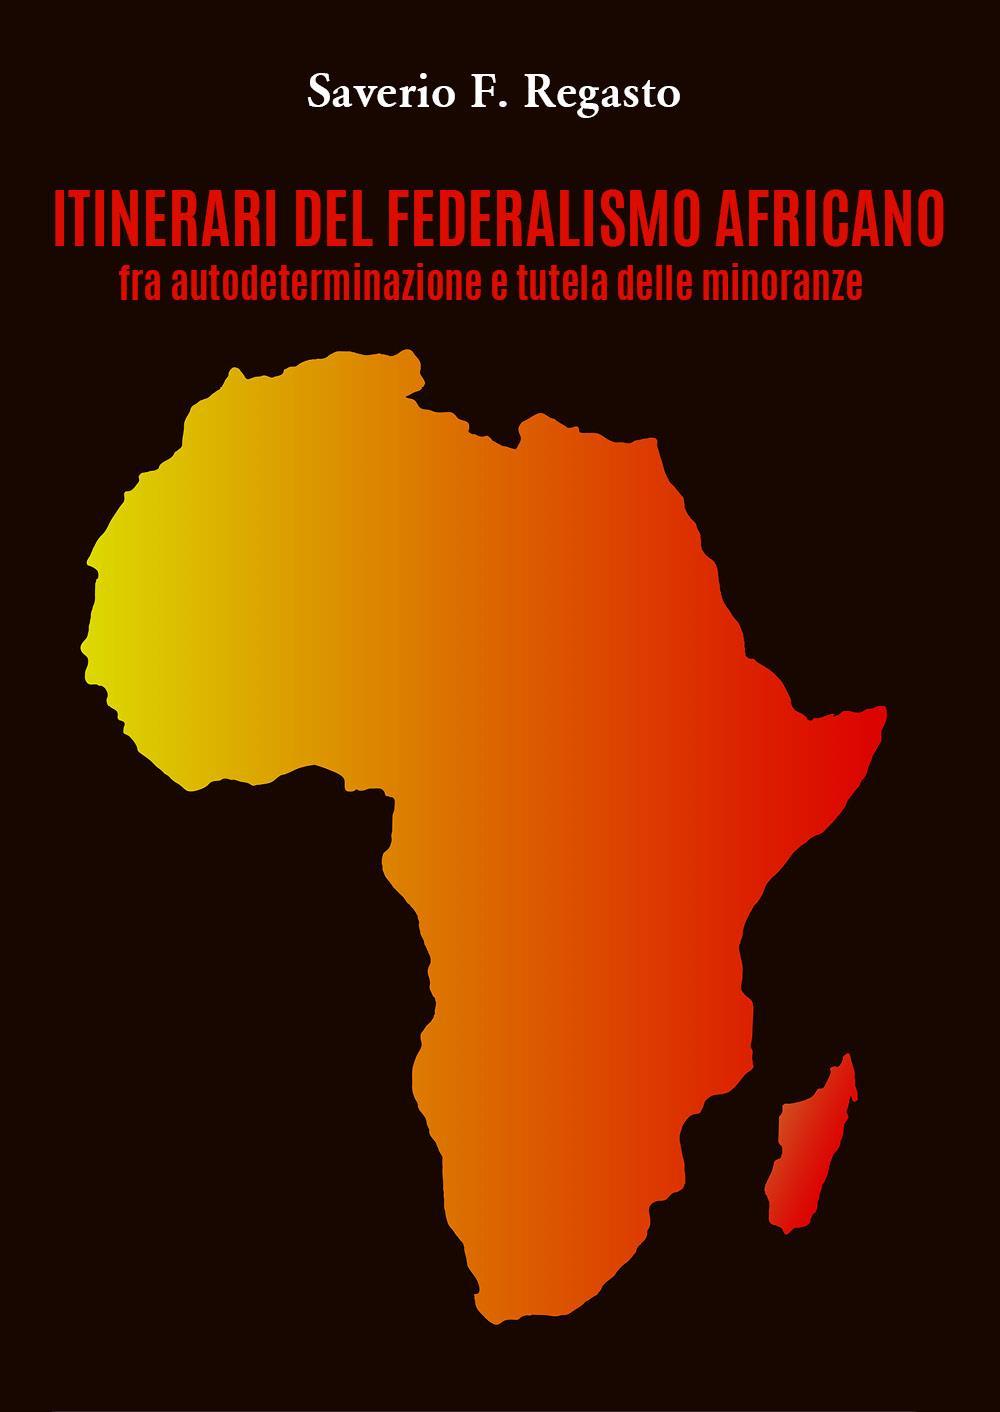 Itinerari del federalismo africano fra autodeterminazione e tutela delle minoranze